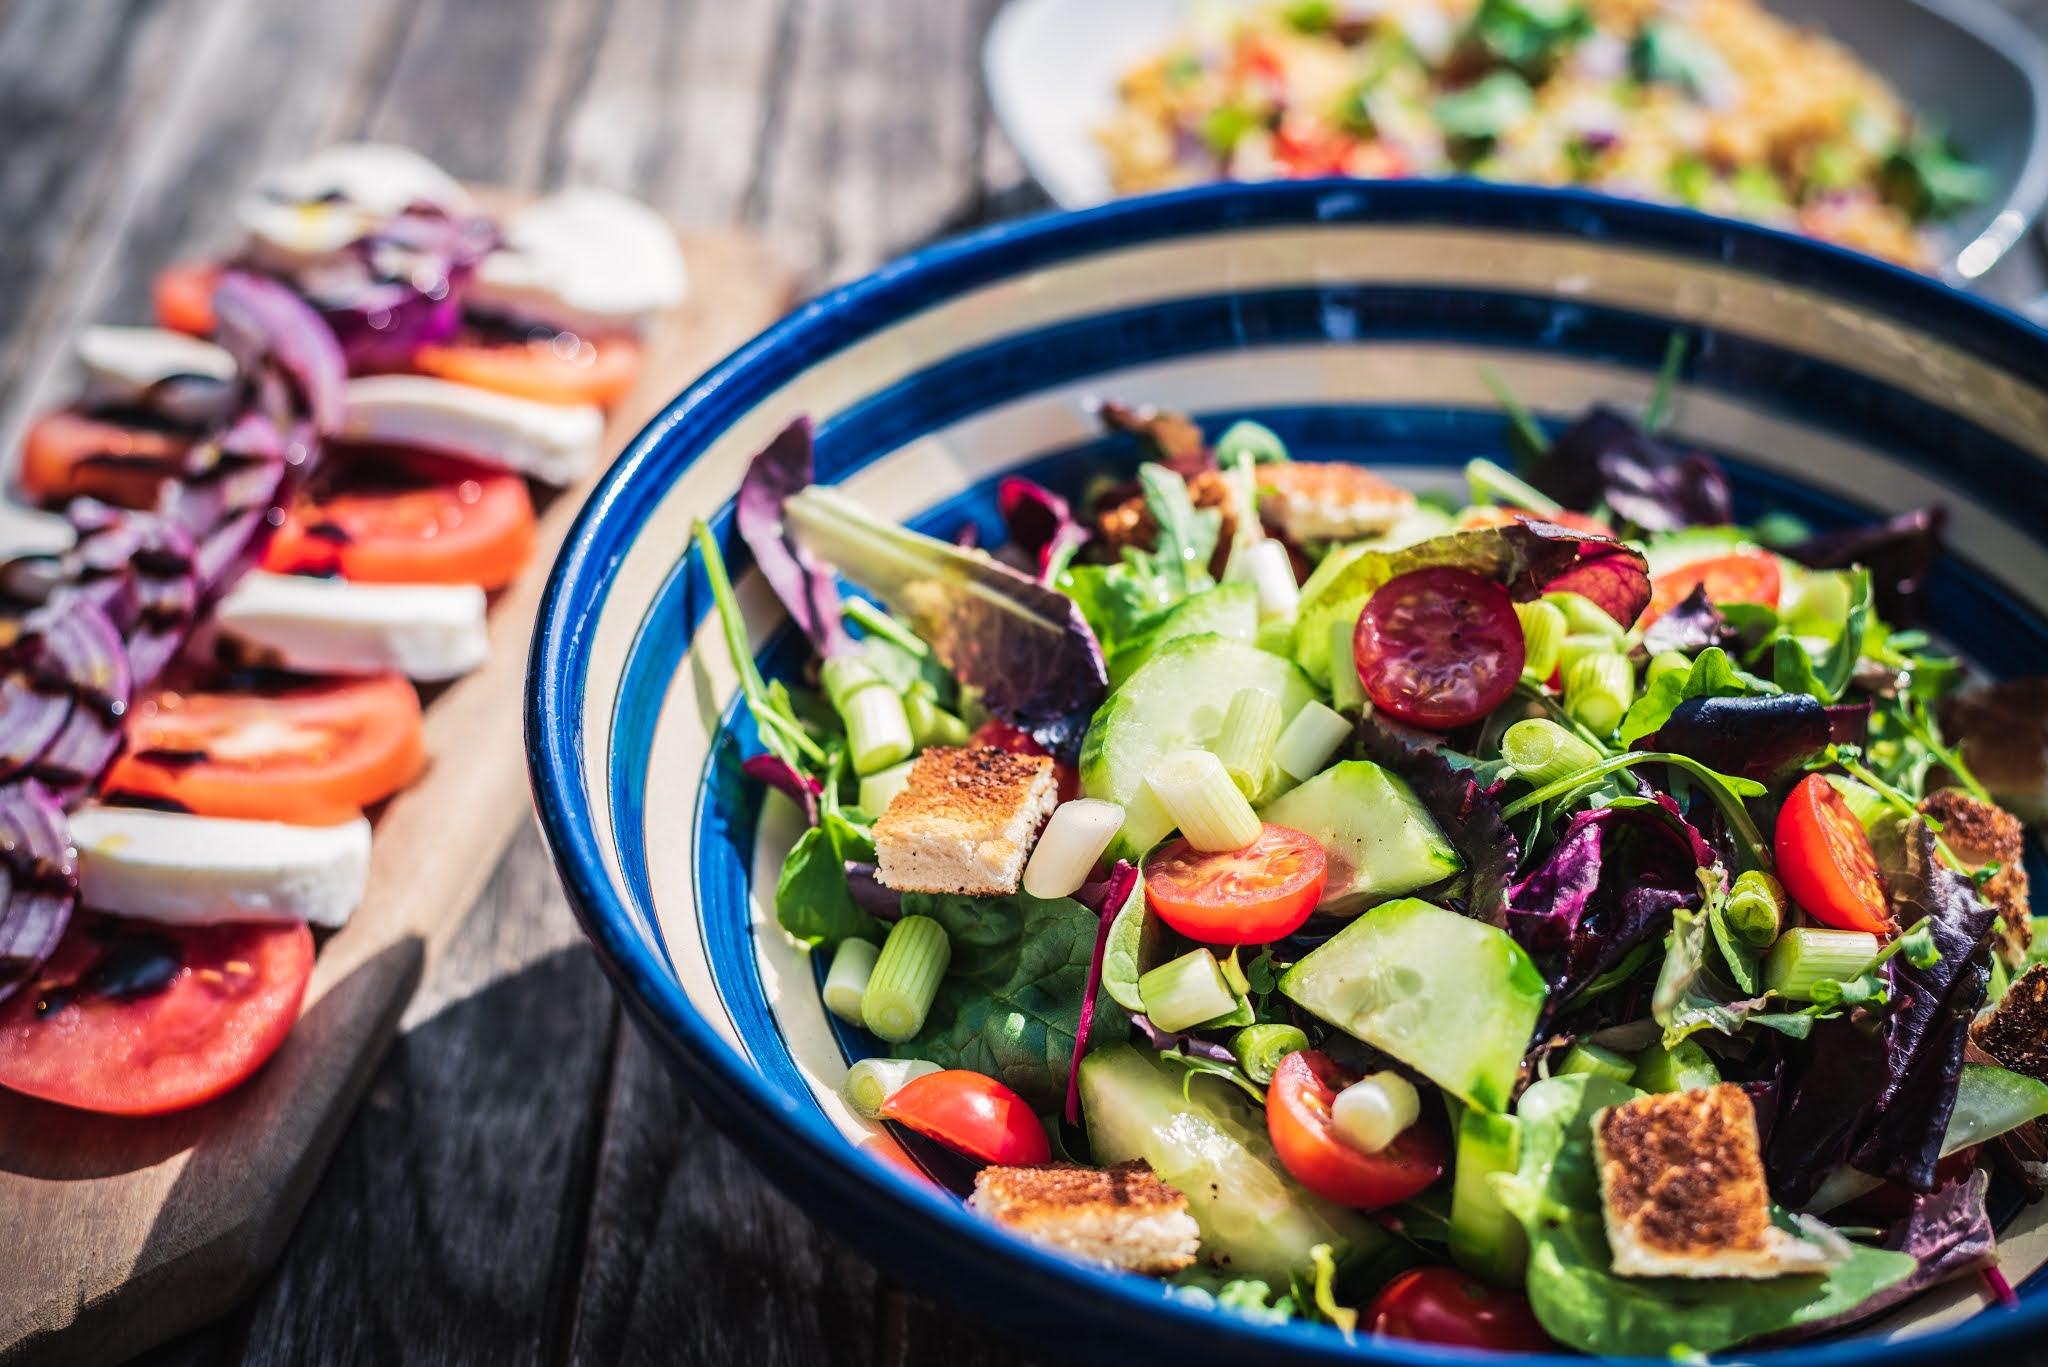 ما هي الانظمة الغذائية الصحية لمرضى السكري؟